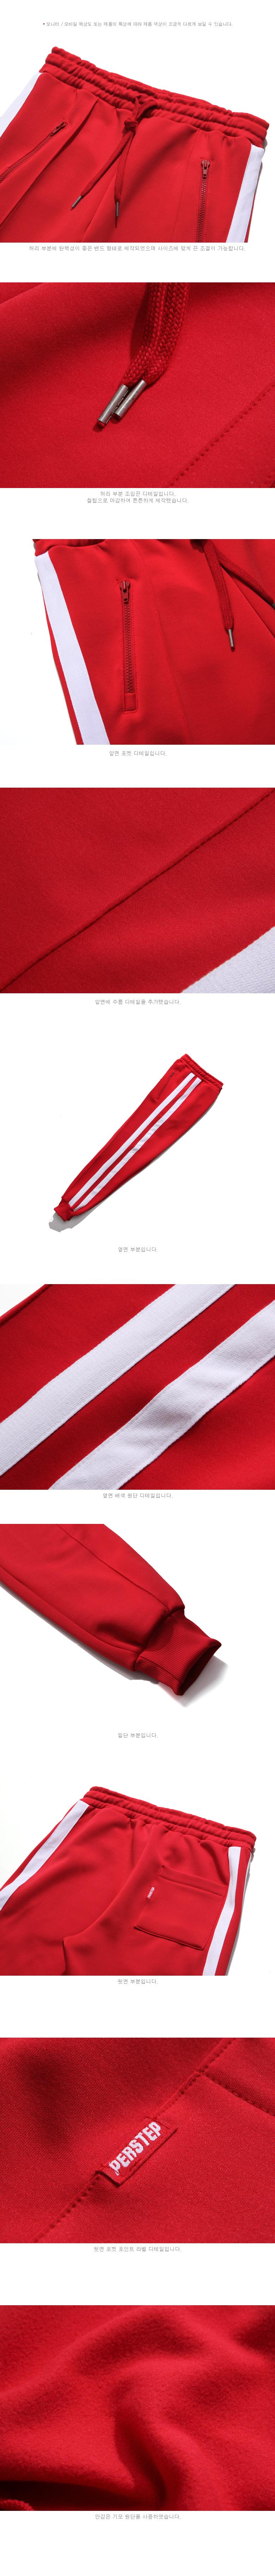 20180730_ps_swingwave_jogger_red_uk_02.jpg